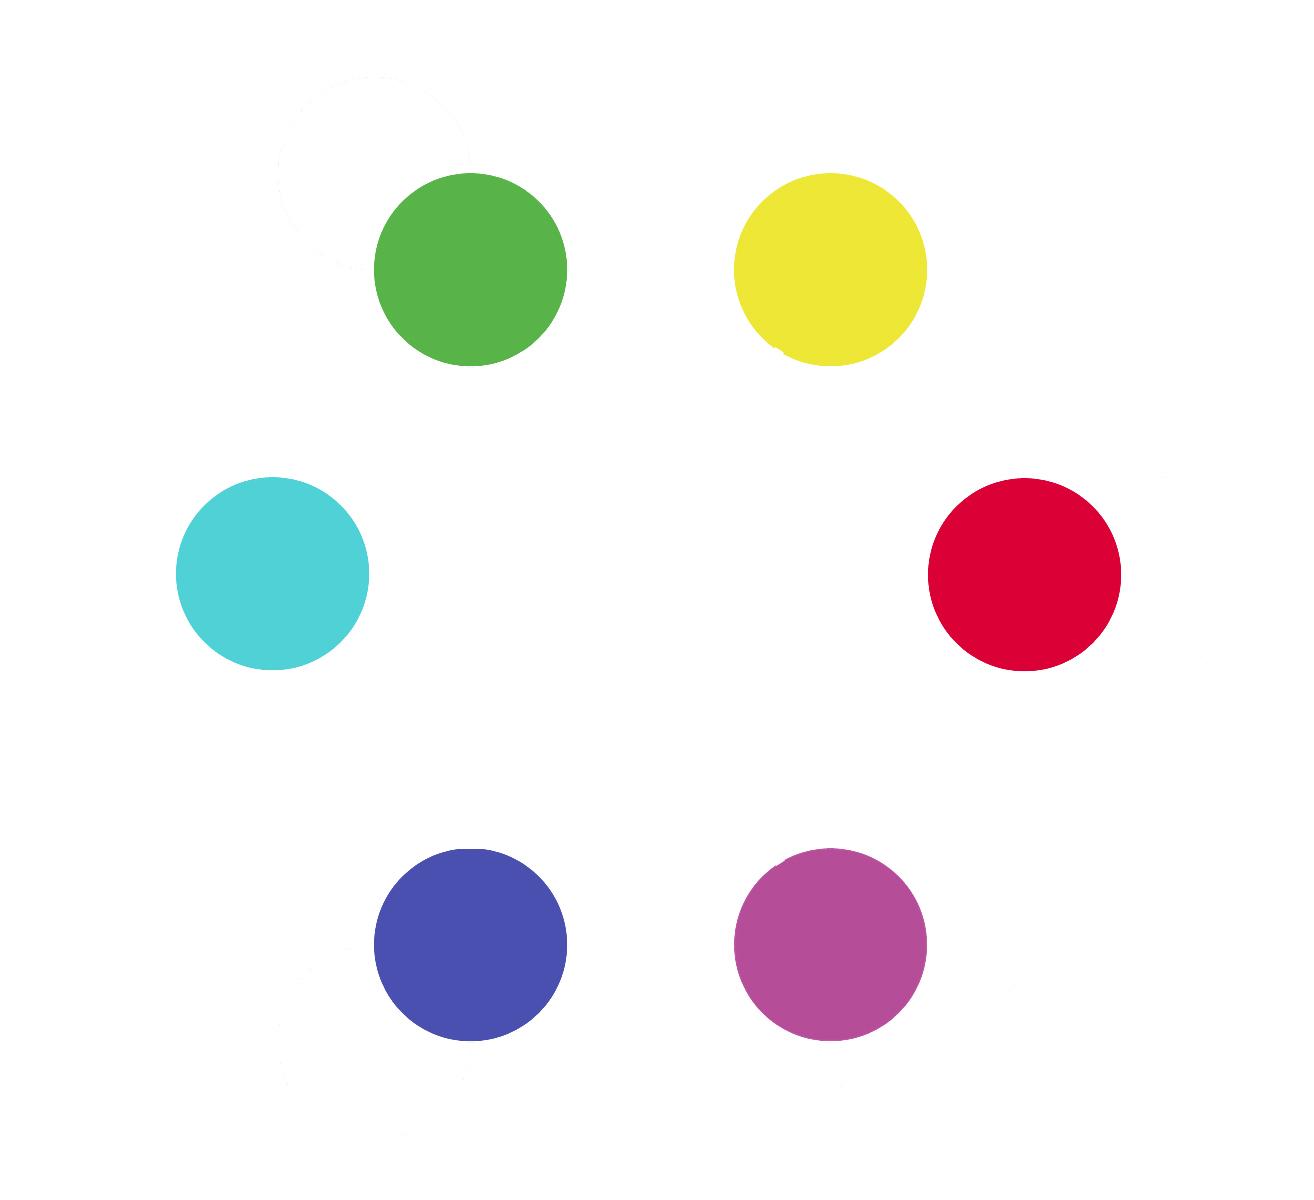 De BeoPlay H3 is in meerdere kleuren verkrijgbaar